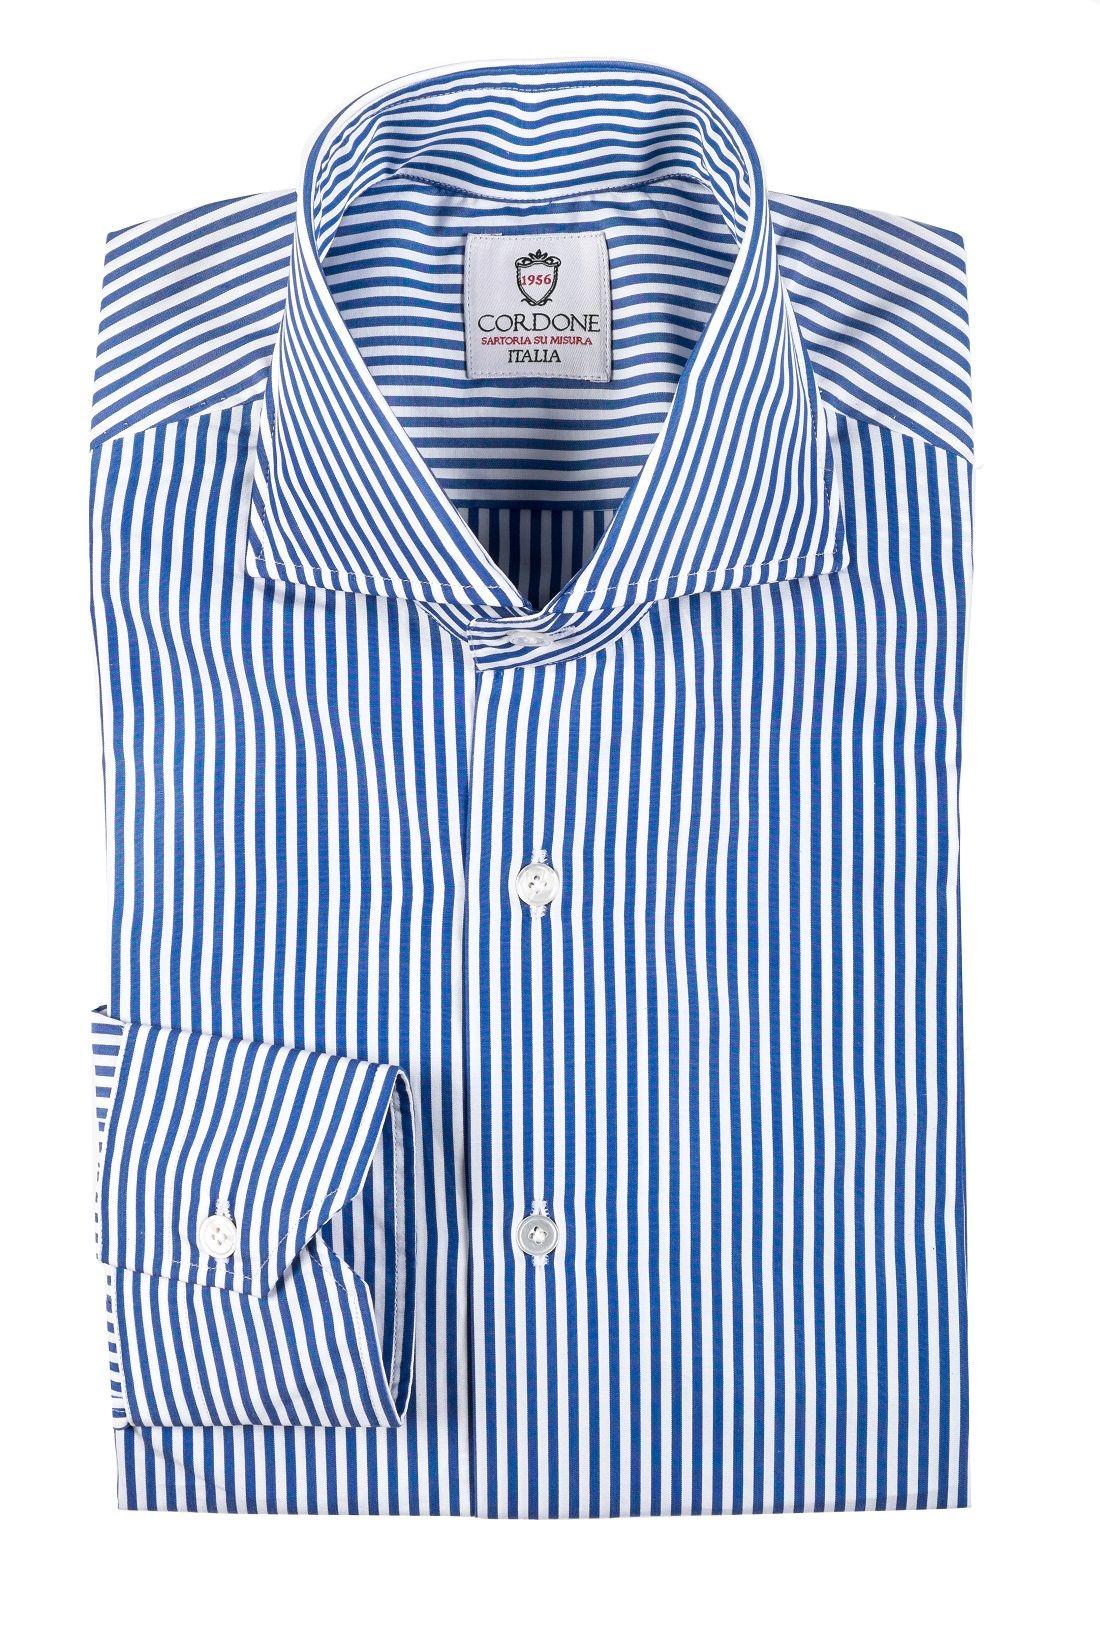 Elegante Camicia Strisce Taglio Classica